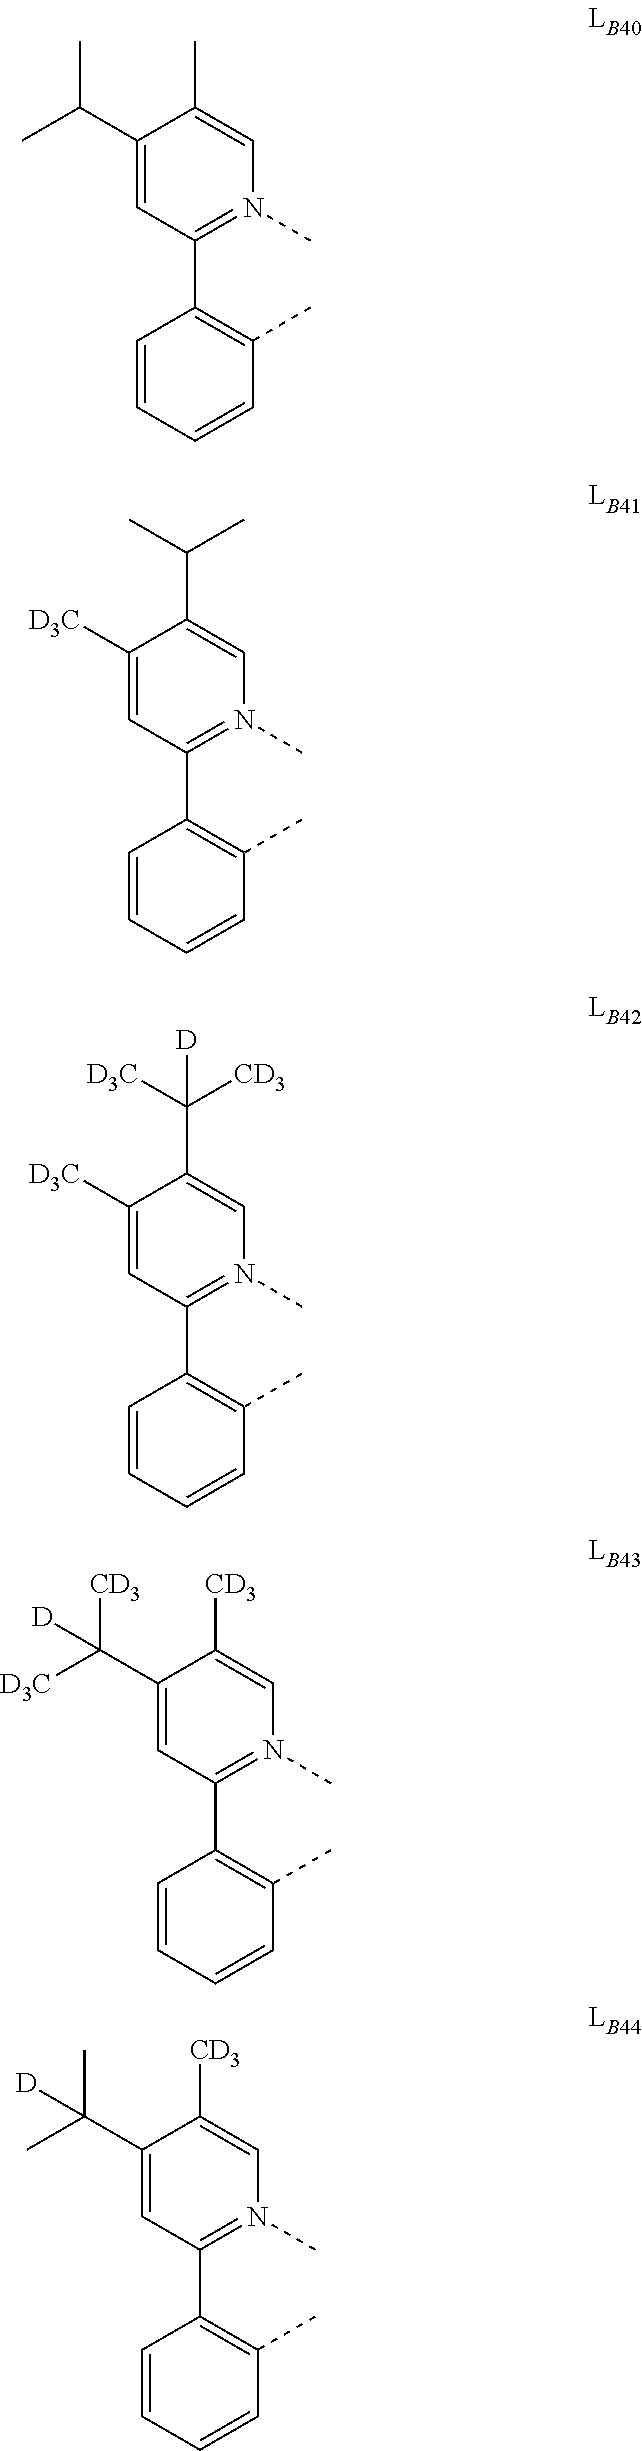 Figure US09929360-20180327-C00224